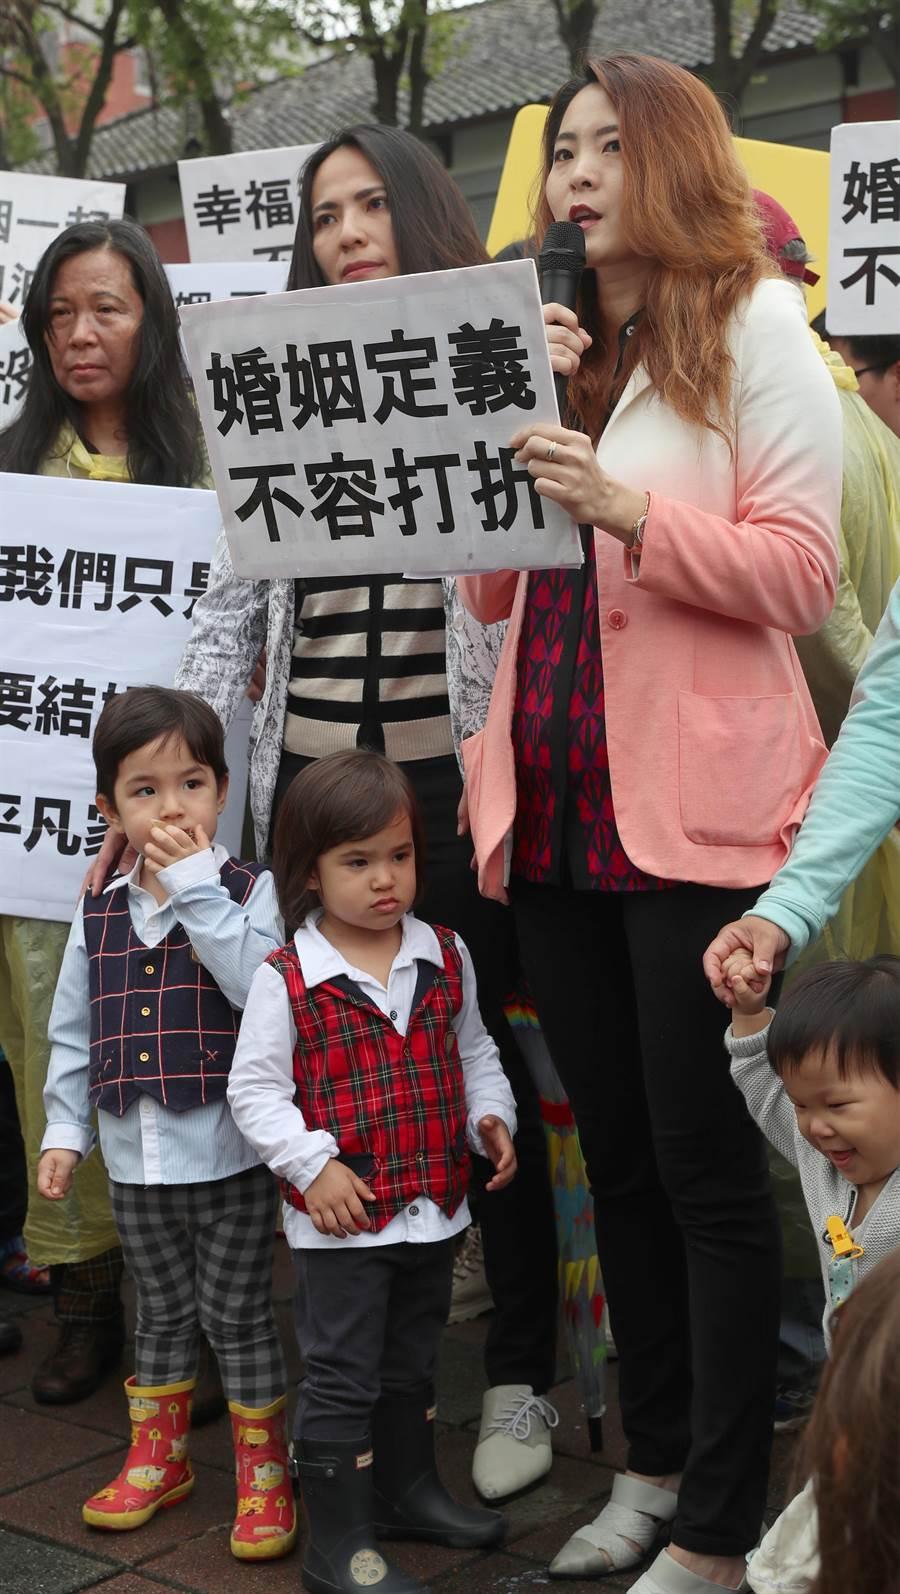 台灣同志家庭權益促進會8日邀集數十個同志家庭,赴立法院外,呼籲將協商同性結合專法版本的立法委員,儘速通過院版法案,不要拆散他們的家庭。 (鄭任南攝)